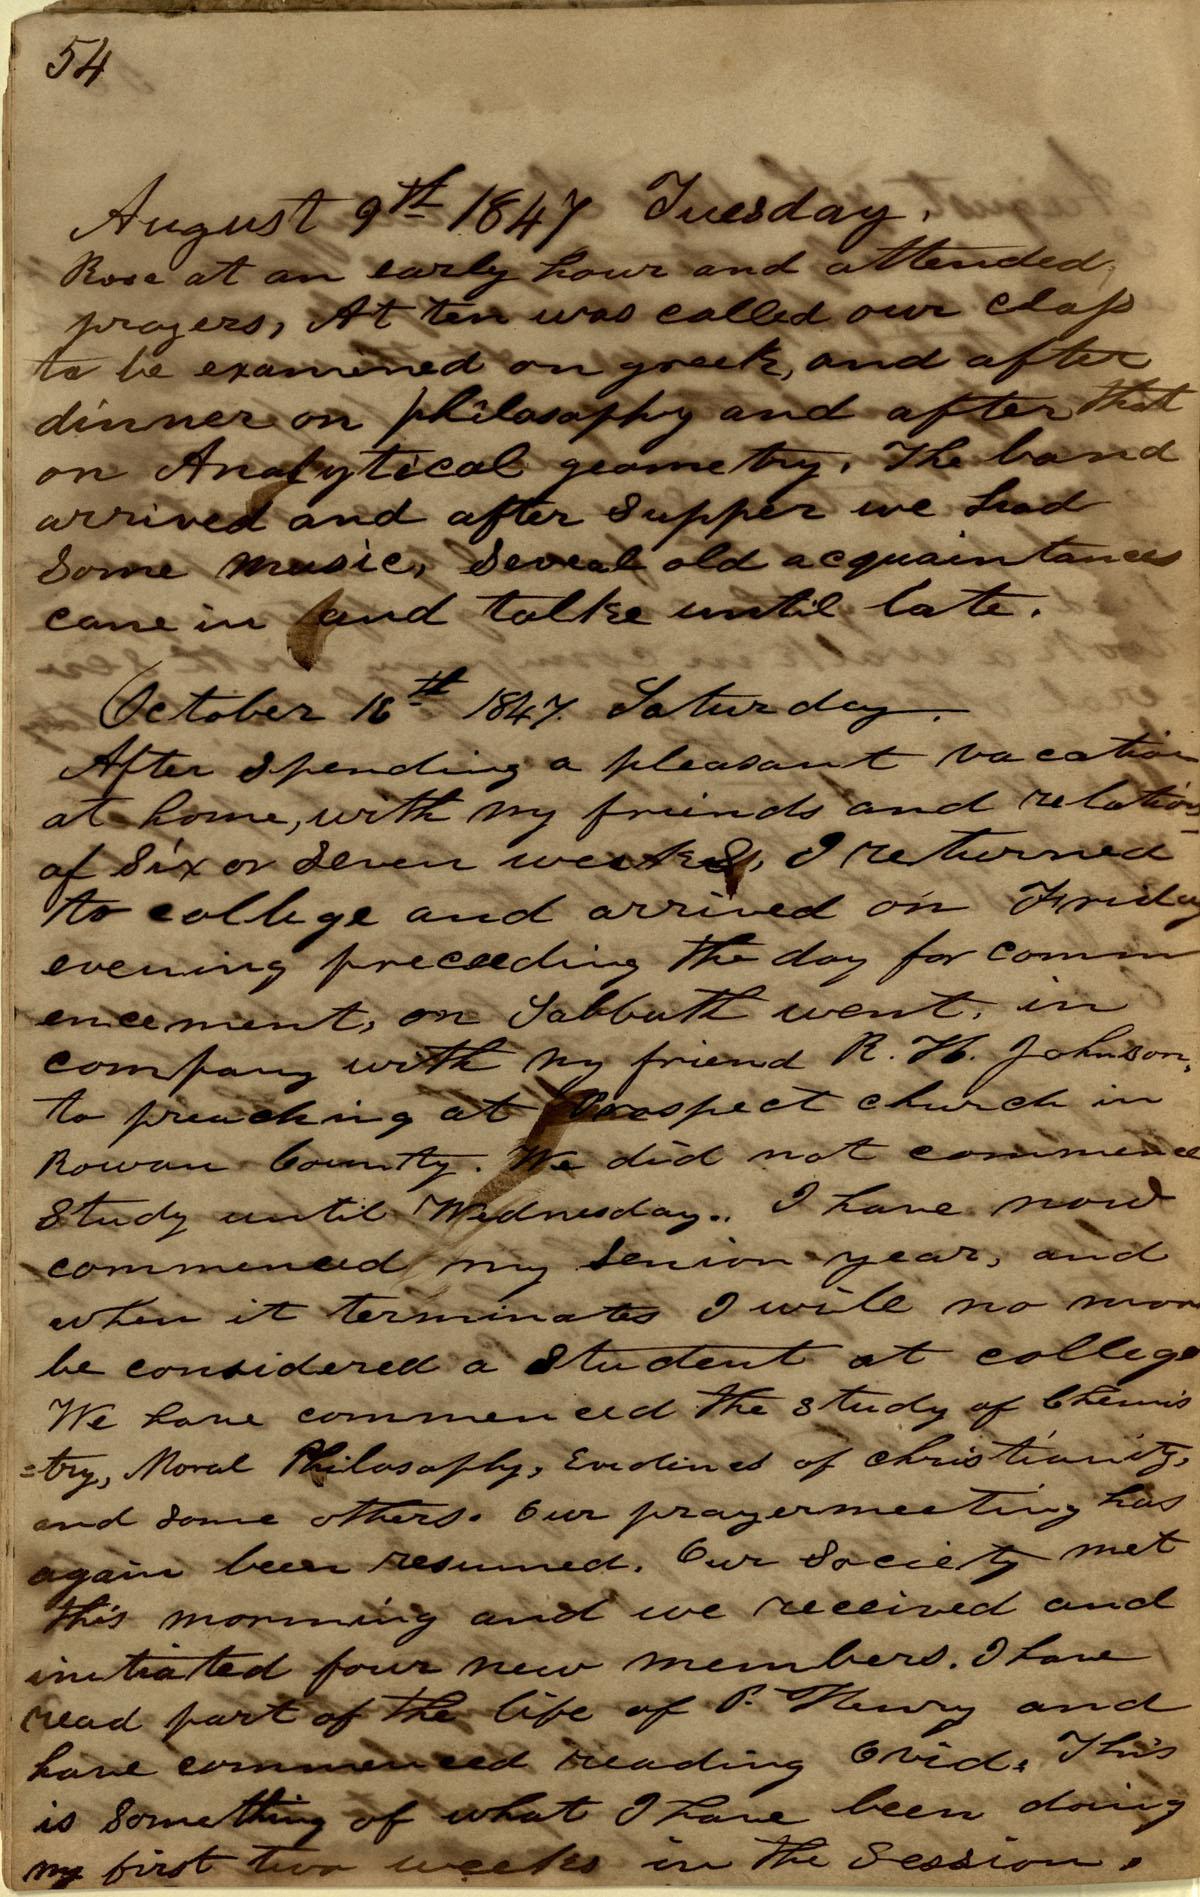 James Diary p.22